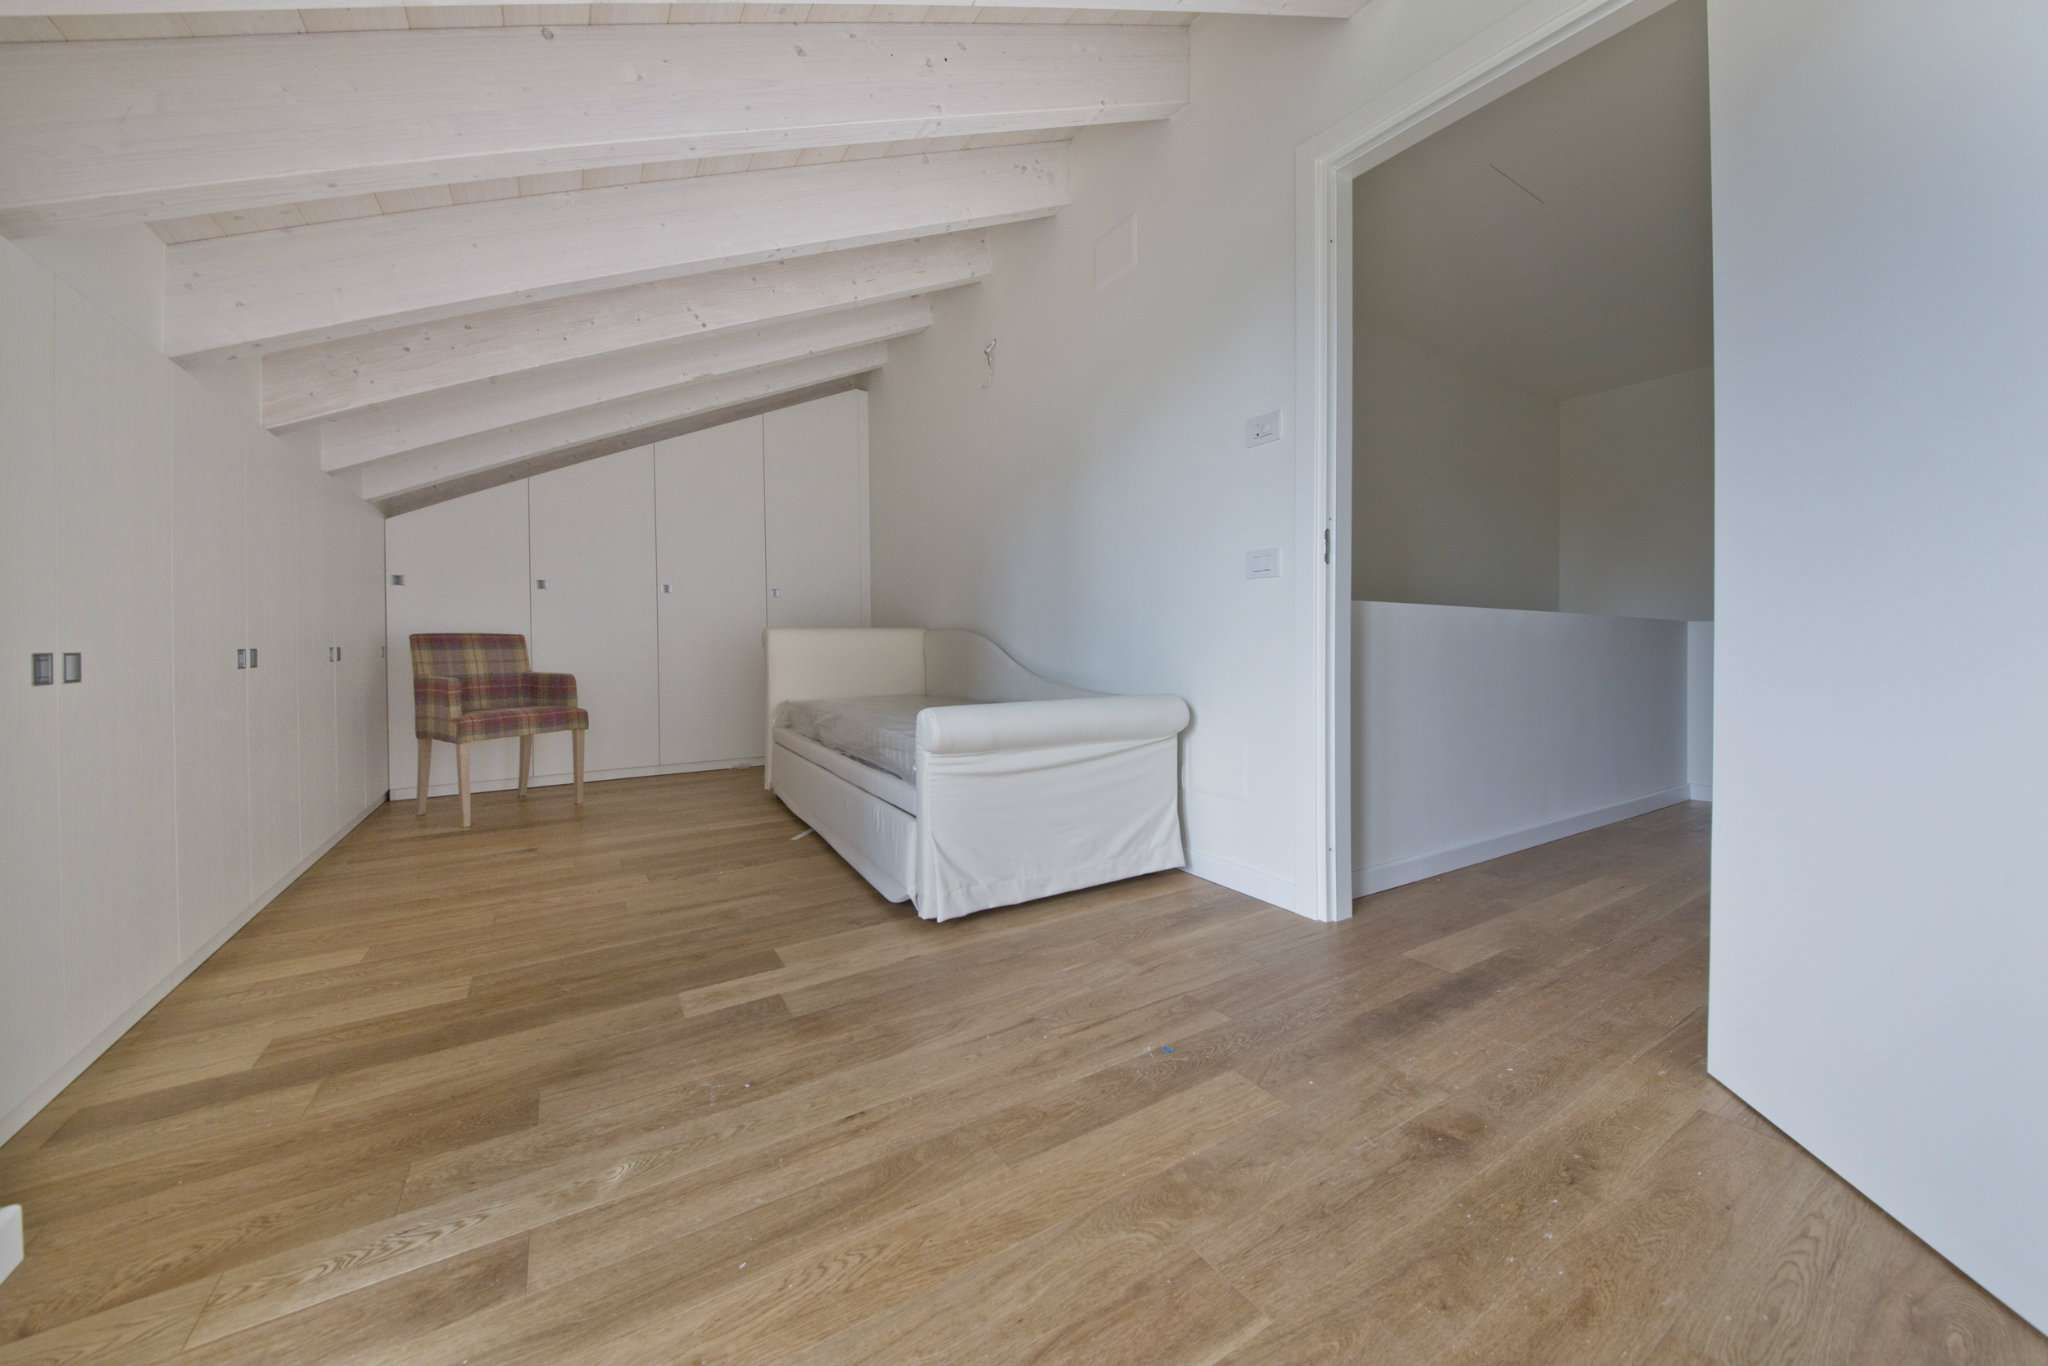 Appartamento in vendita a Cernusco sul Naviglio, 4 locali, prezzo € 400.000   Cambio Casa.it